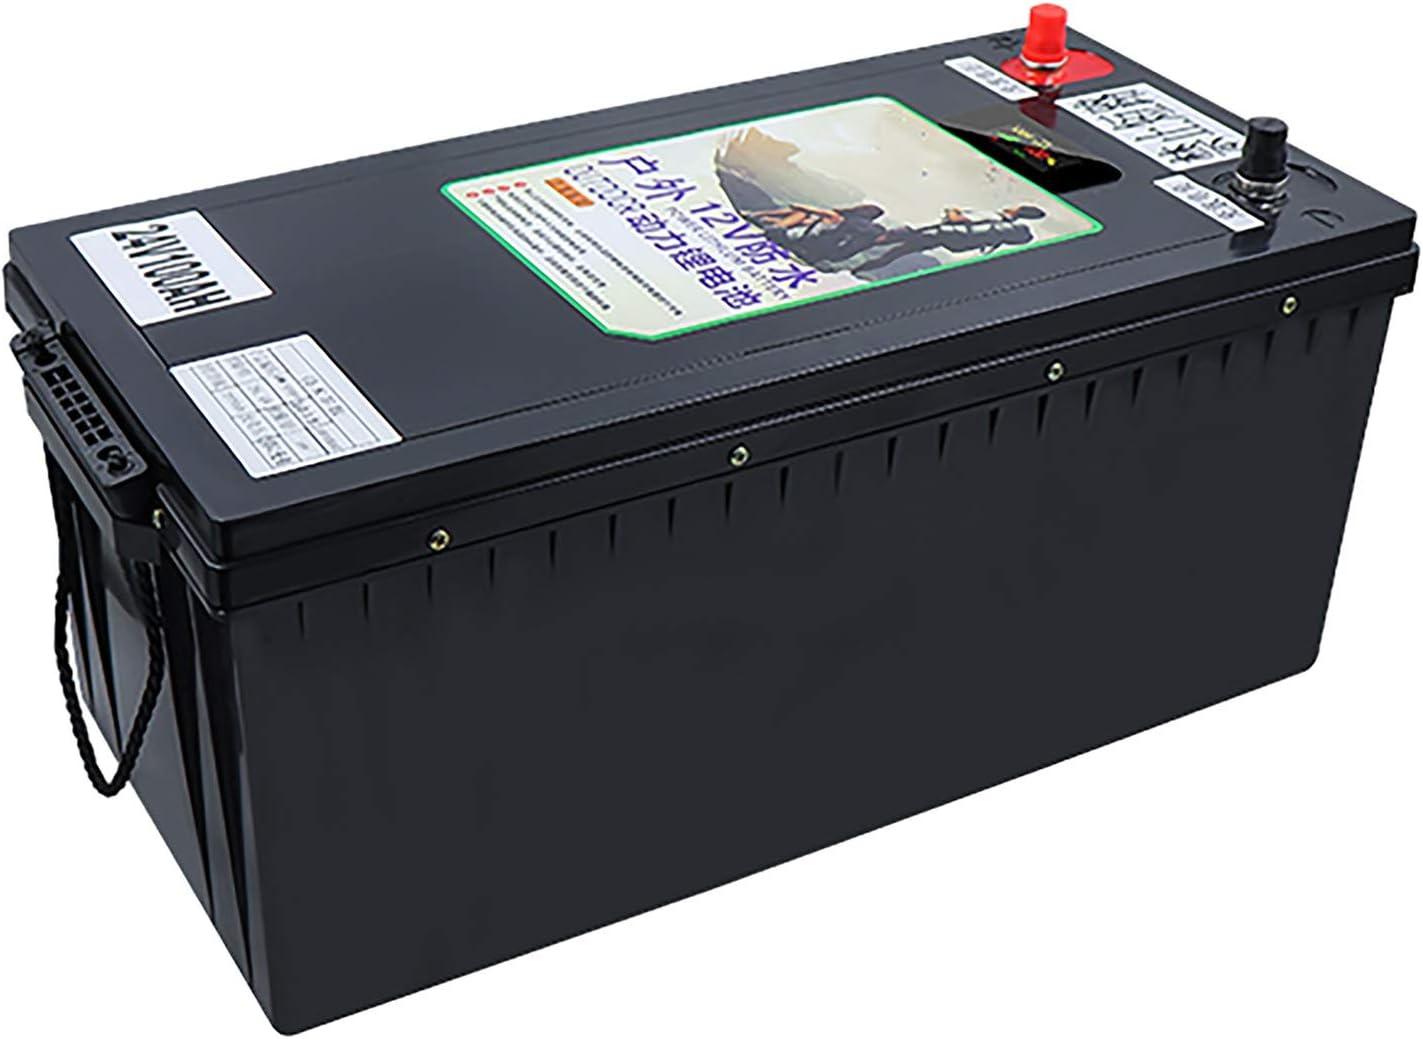 GJZhuan Batería De Fosfato De Hierro Litio LIFEPO4 24V For Sistema Solar/A Motor/Barco/Carros De Golf/RV Coche Batería Impermeable 24V LIFEPO4 Batería LiFePO4 Batería (Size : 100AH)